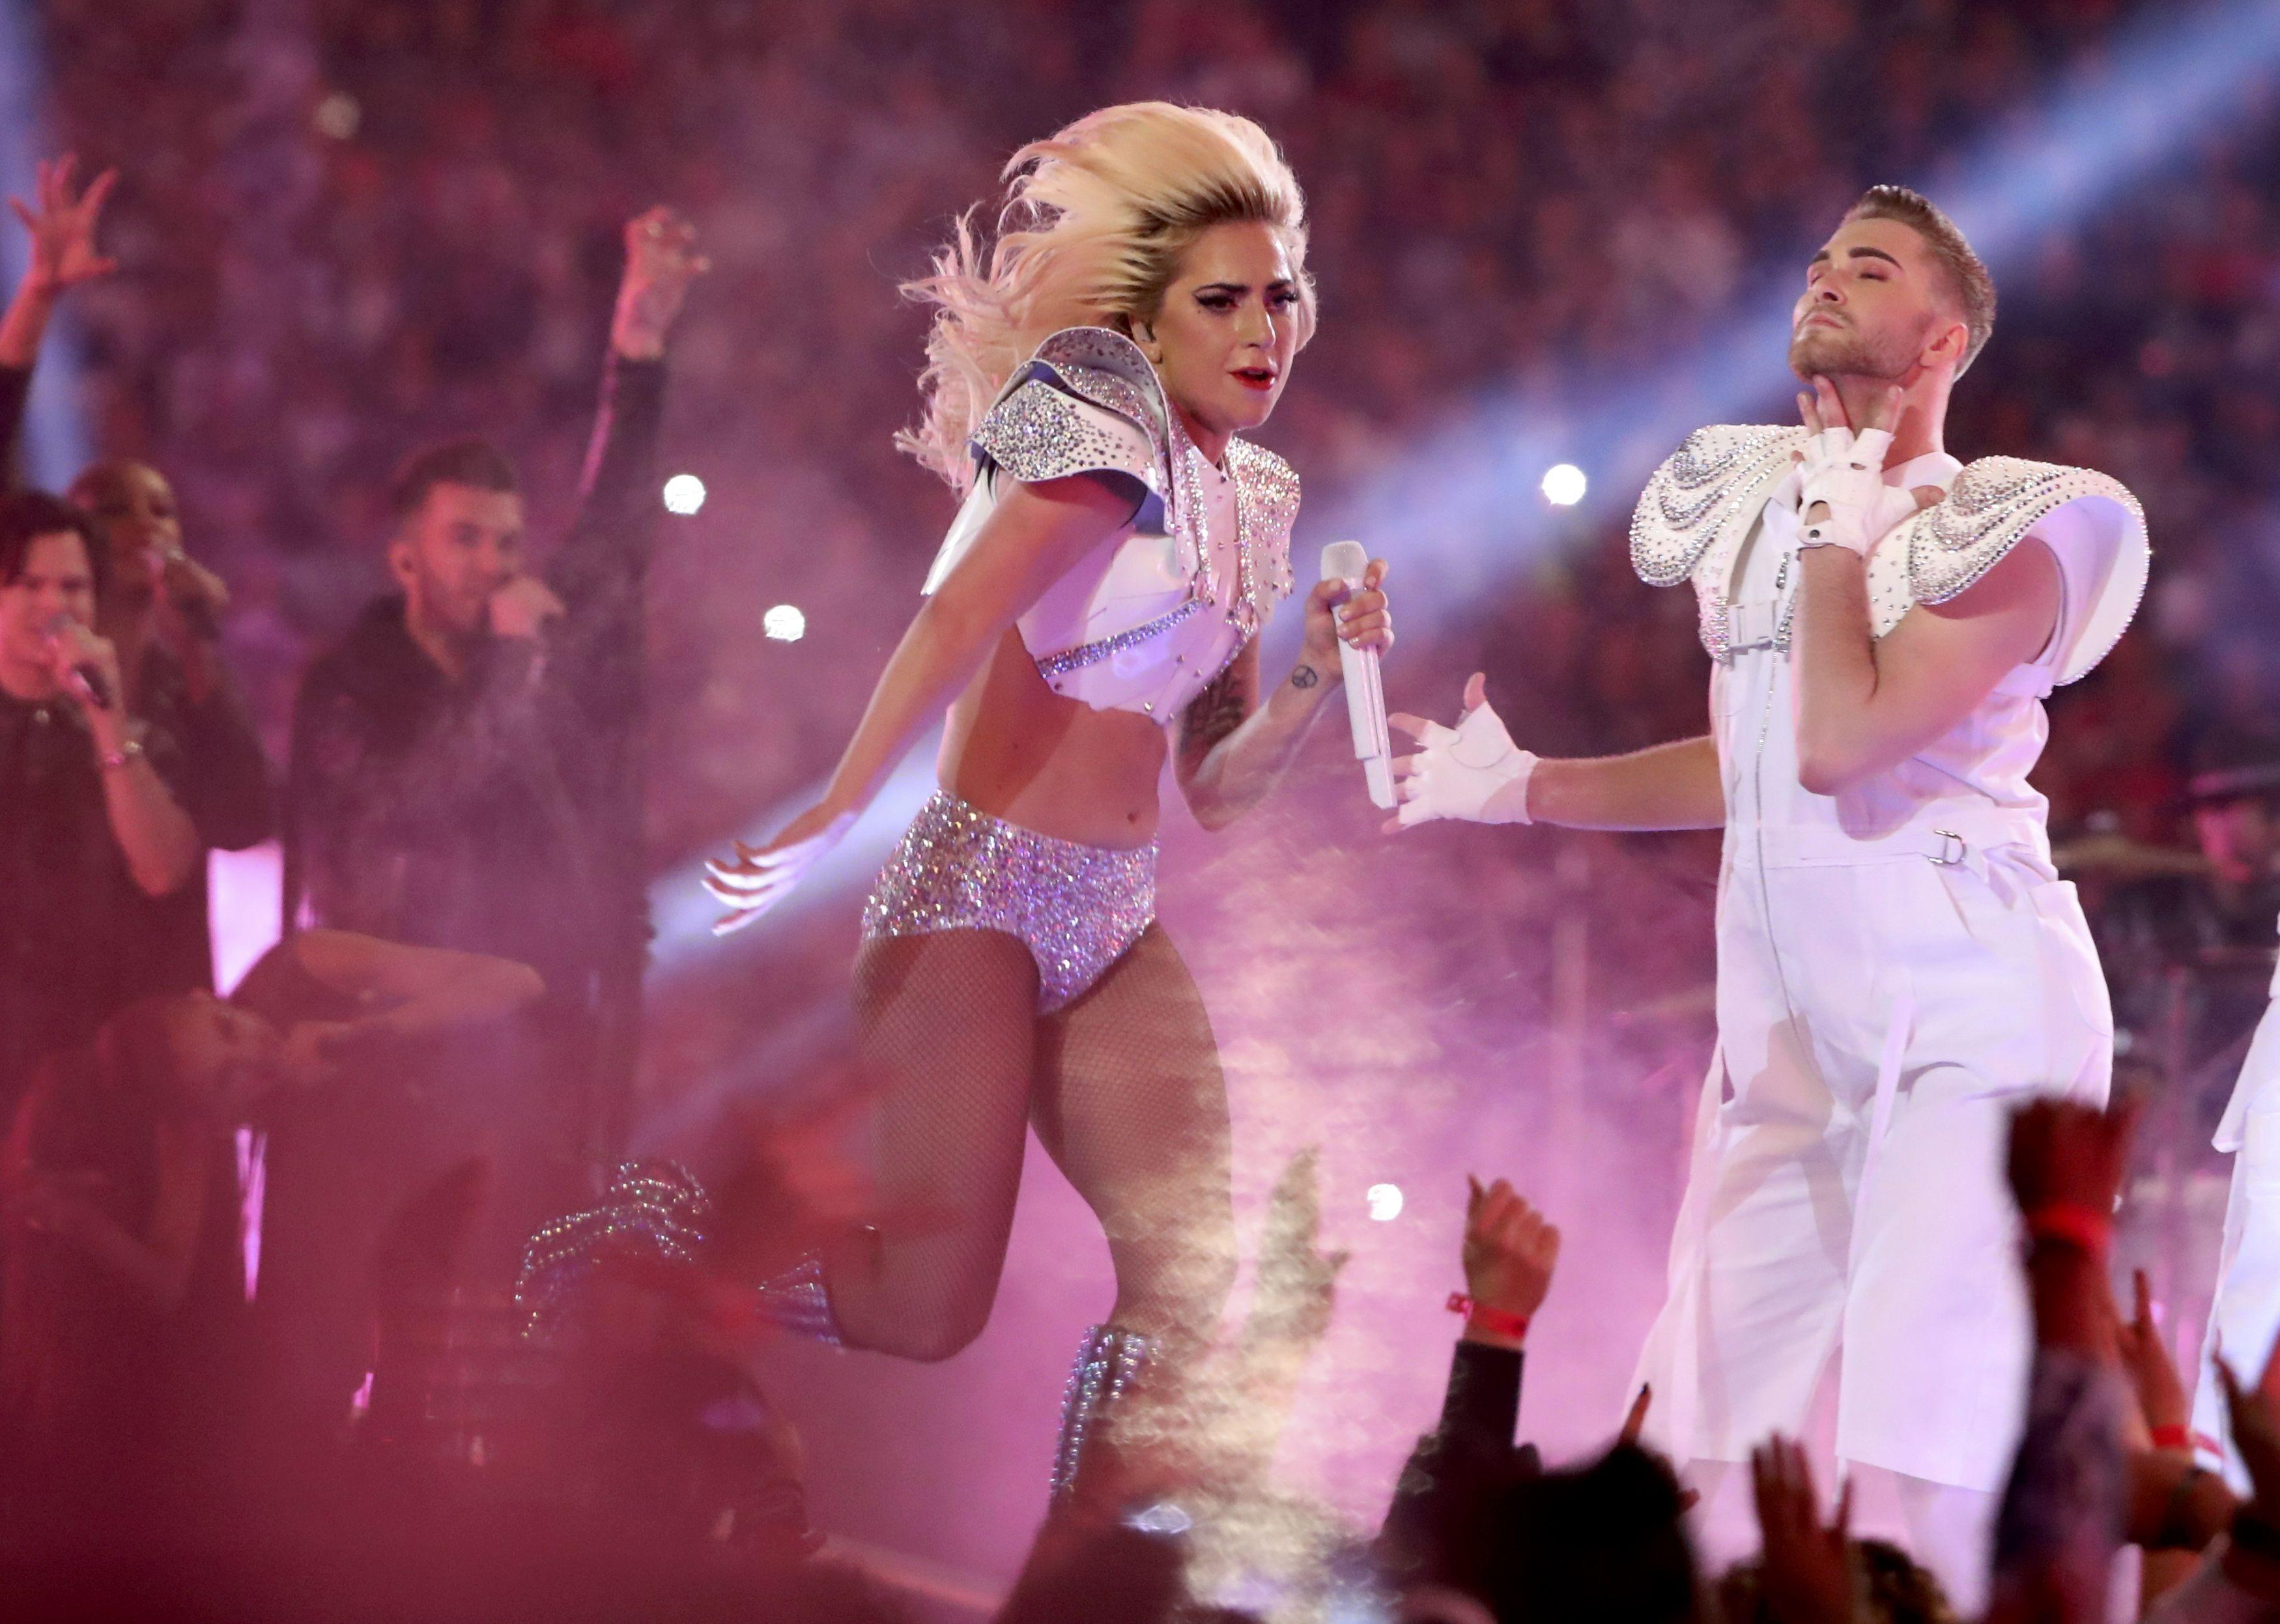 Lady-Gaga-Sexy-Fappening-11